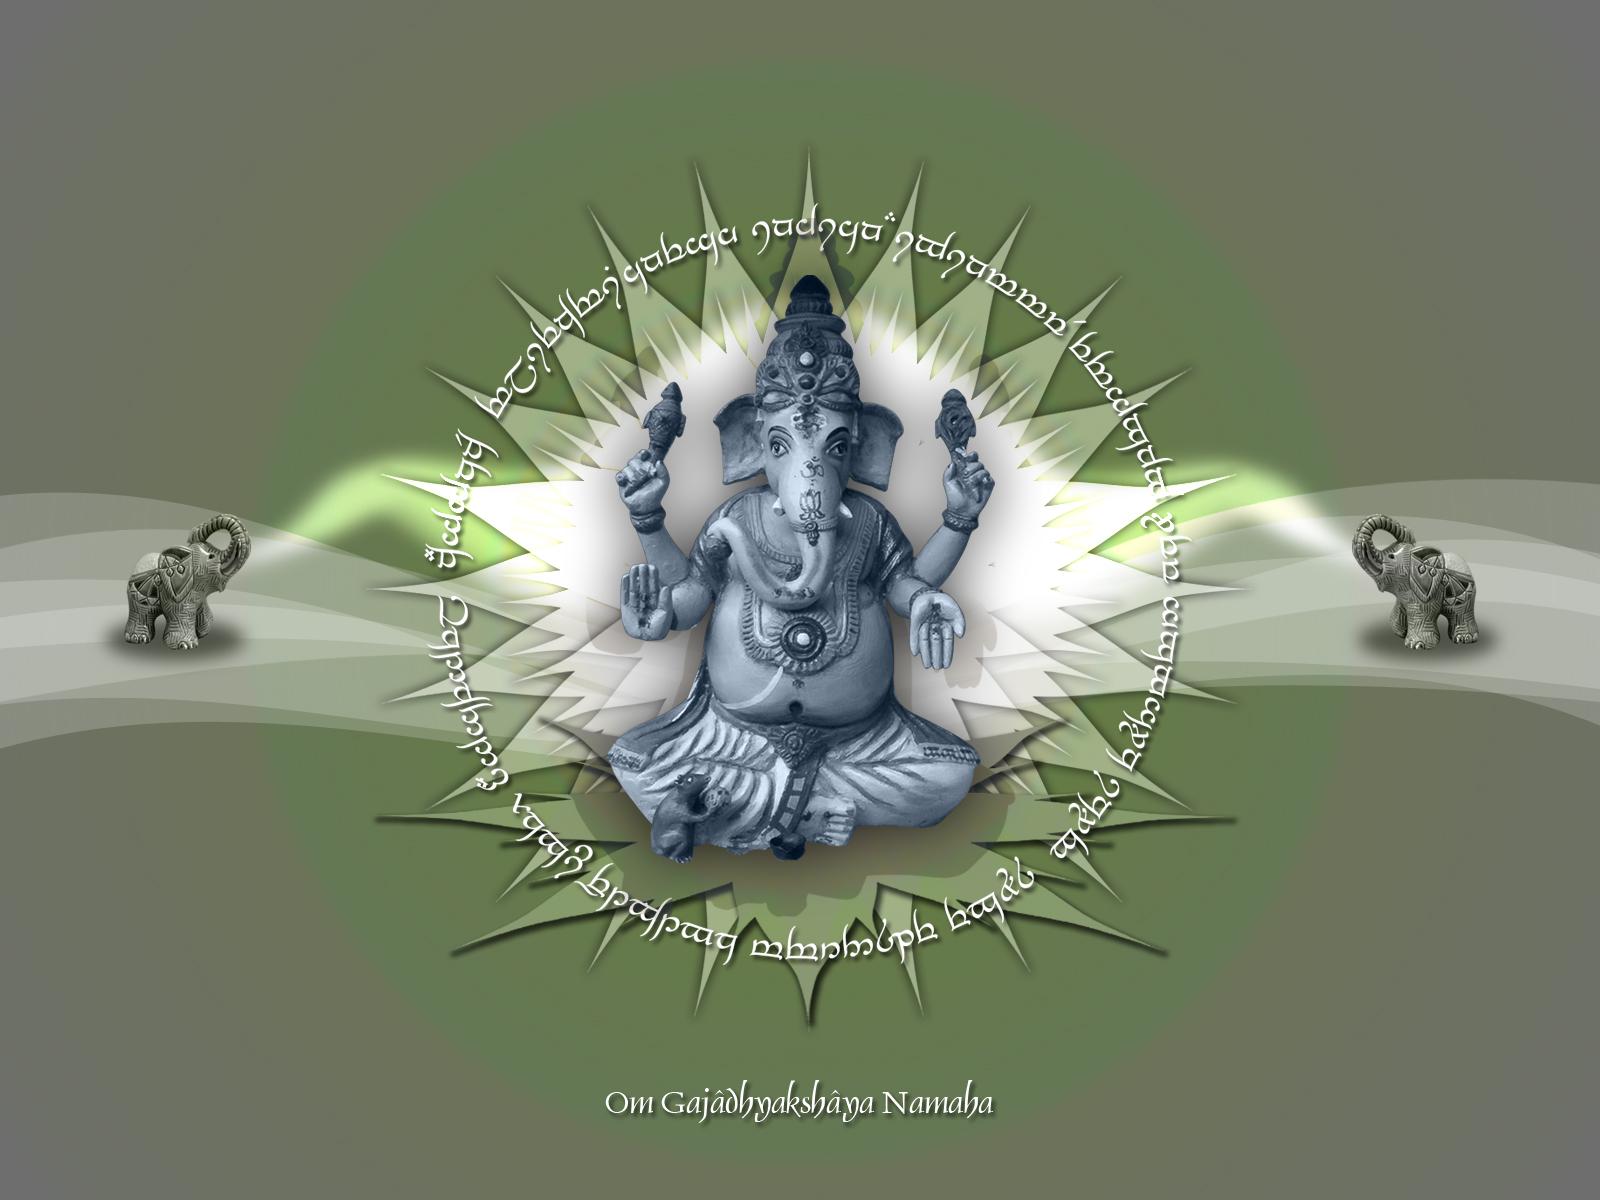 Lord Ganesha Wallpapers, Lord Ganesha photos, Lord Vinayaka Wallpapers,